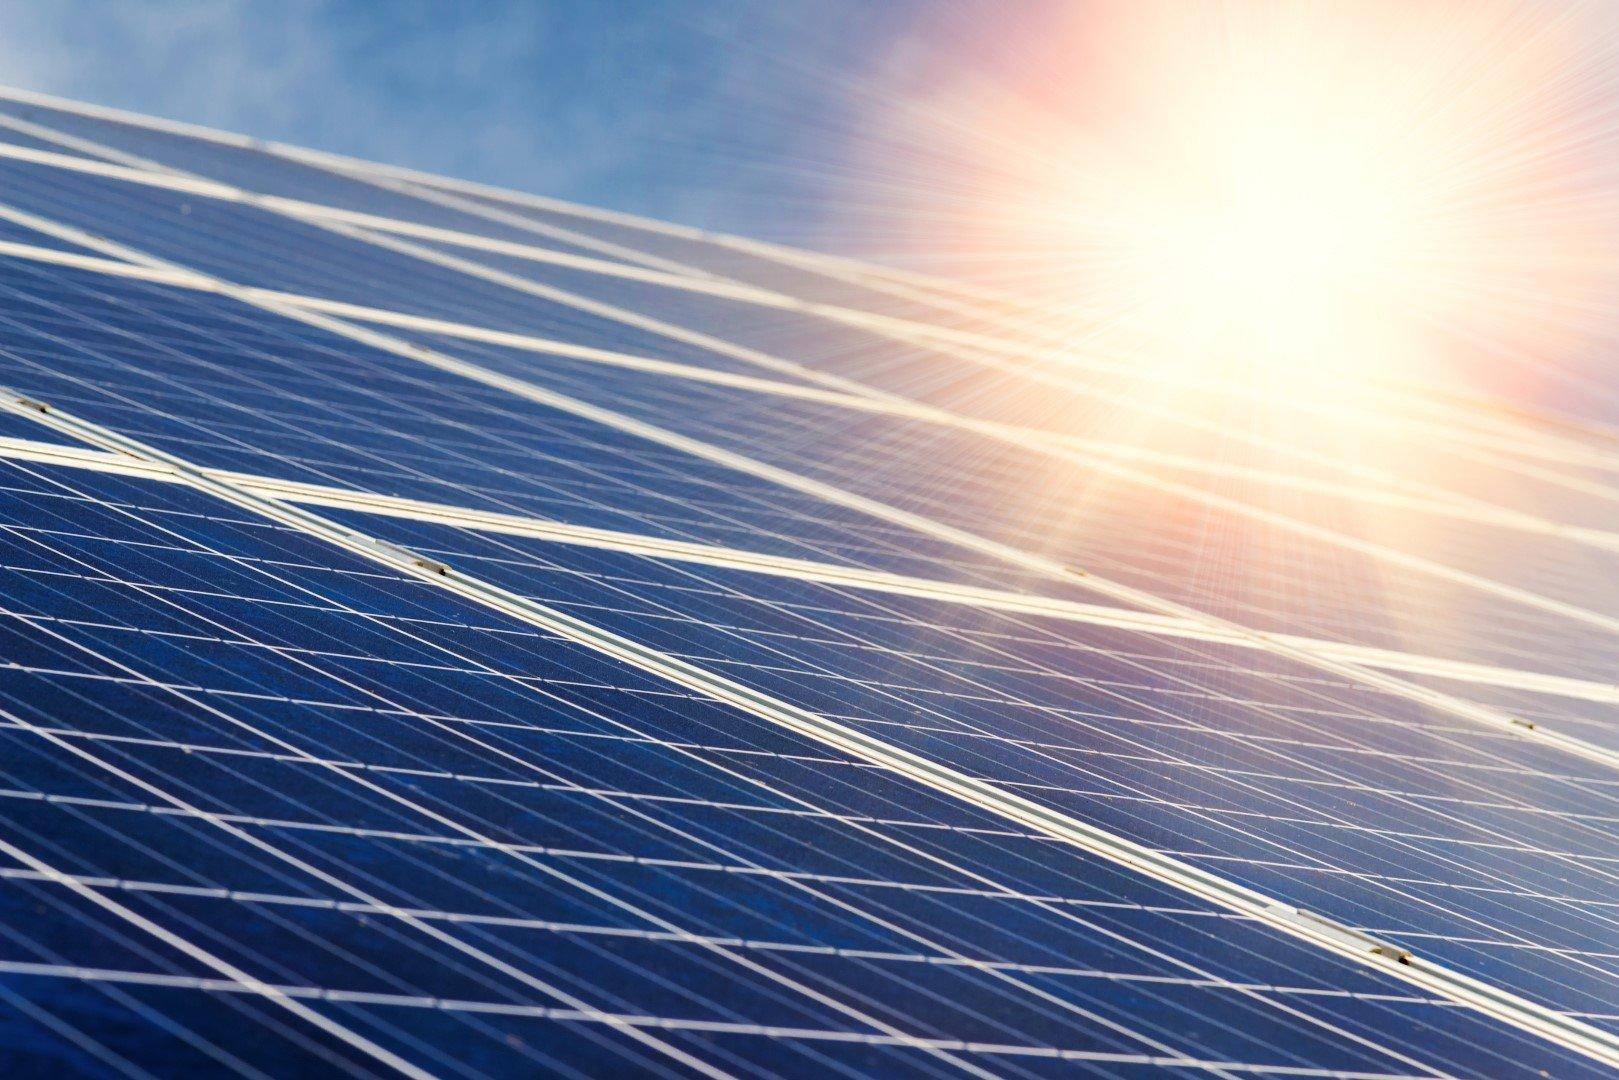 Pannelli solari a Termotecnica Savio a Mira Venezia